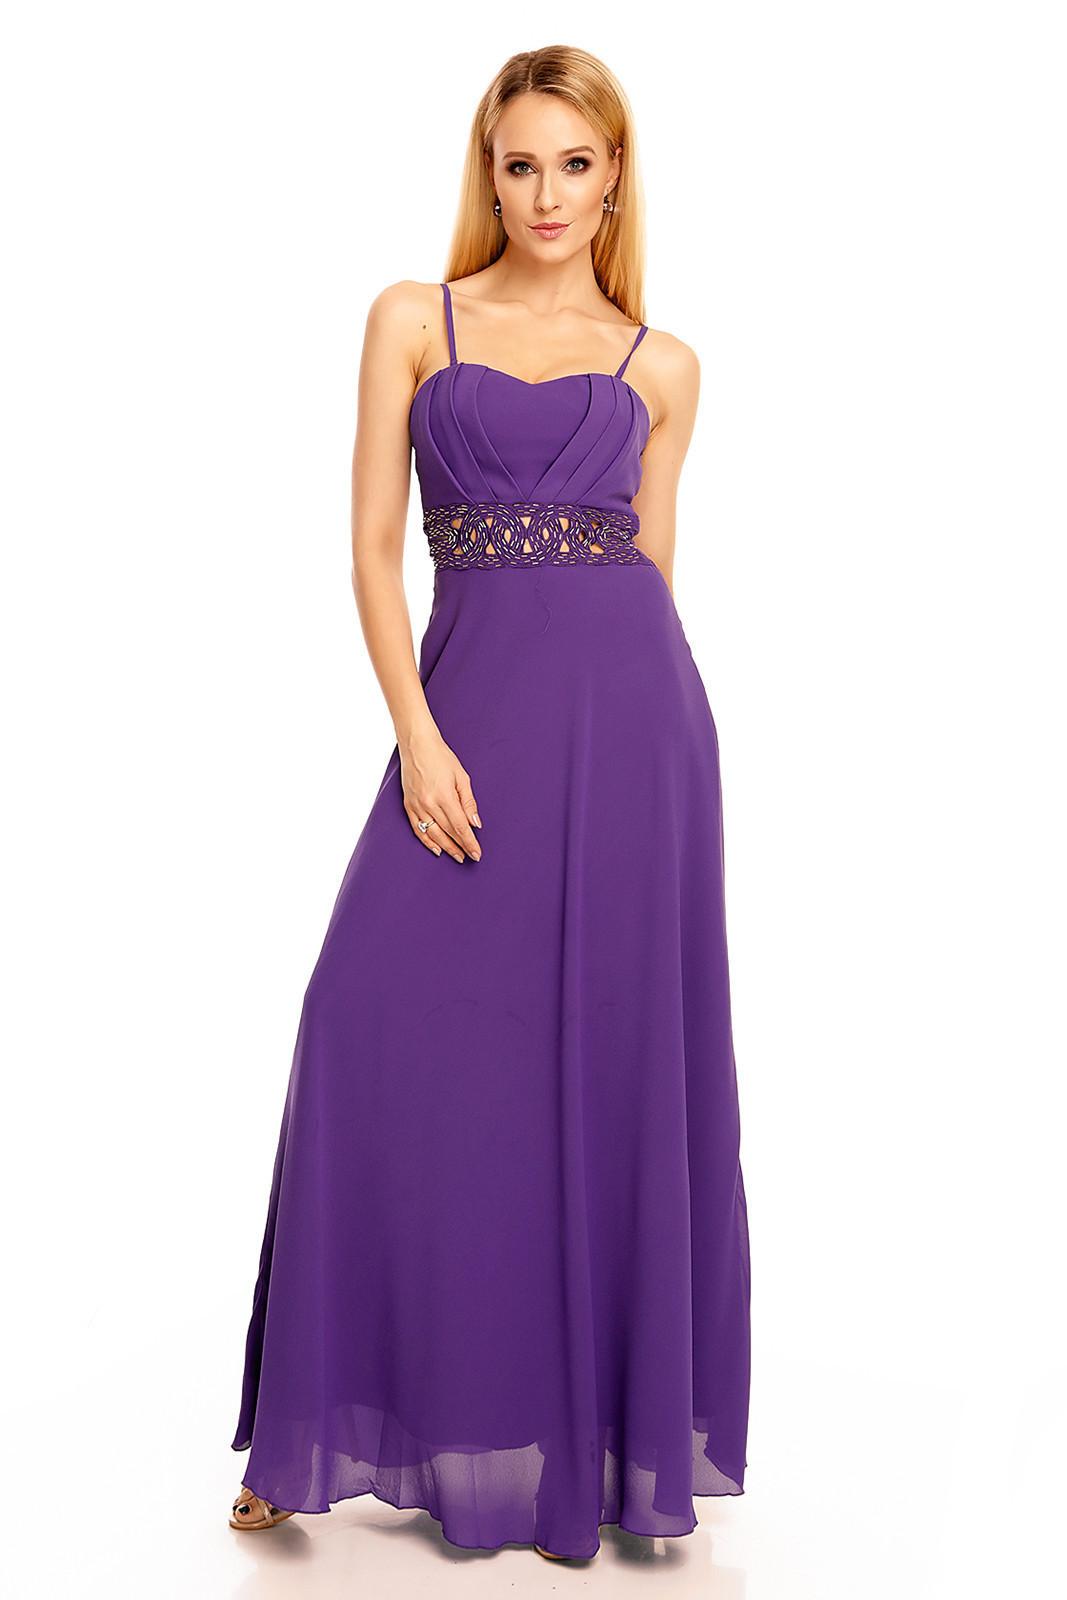 Dámské společenské šaty s korálky v pase dlouhé fialové - Fialová / S - EMMA DORE PARIS fialová S